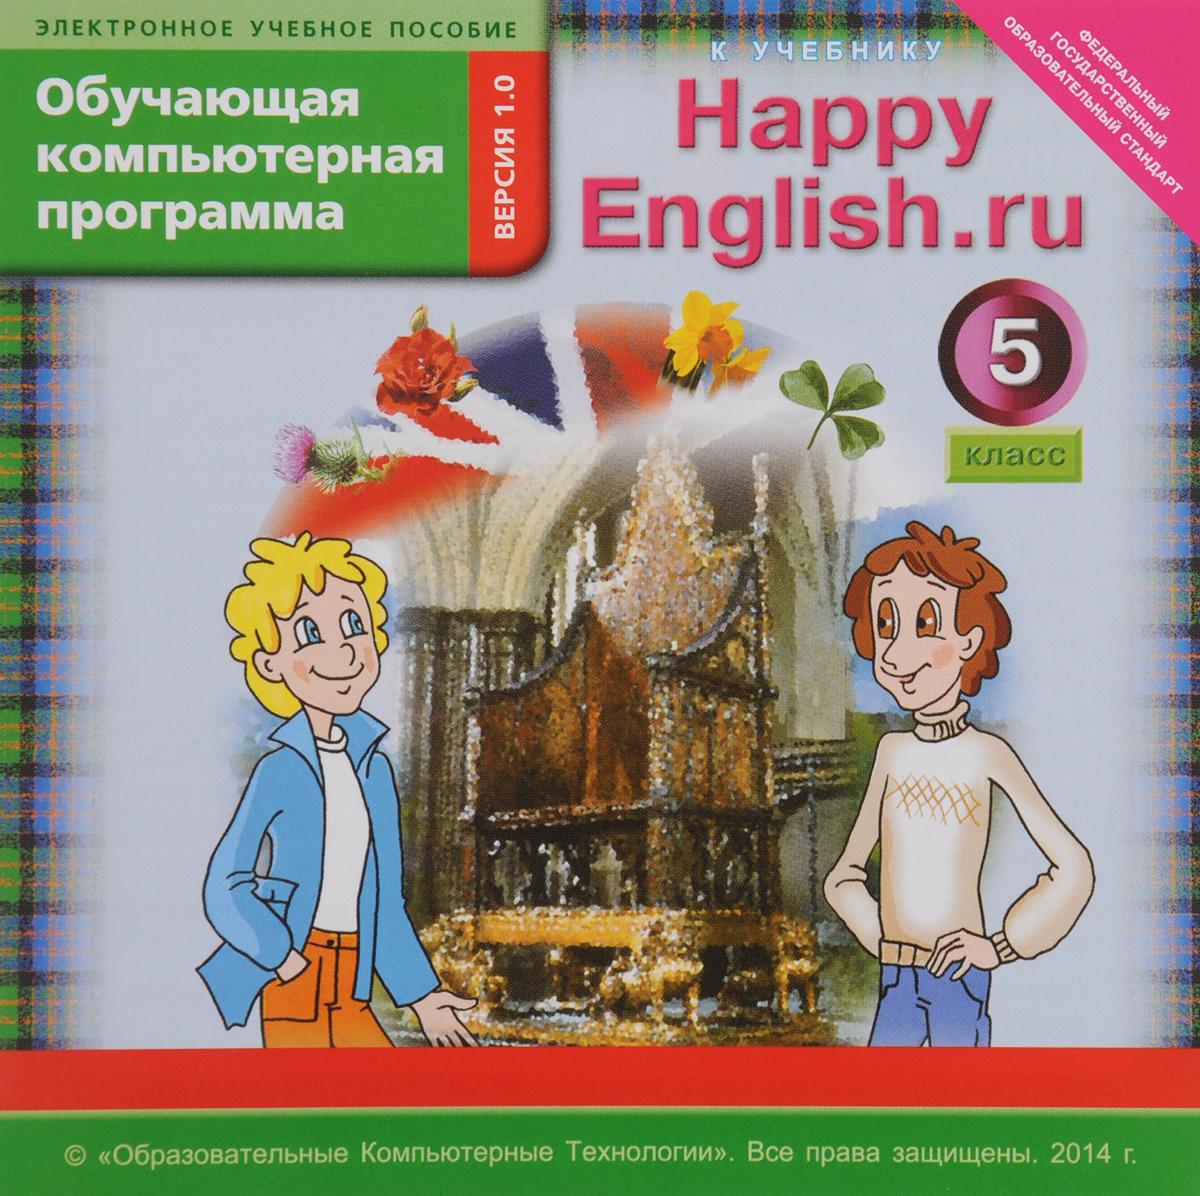 Happy English.ru 5 / Счастливый английский.ру. 5 класс. Обучающая компьютерная программа